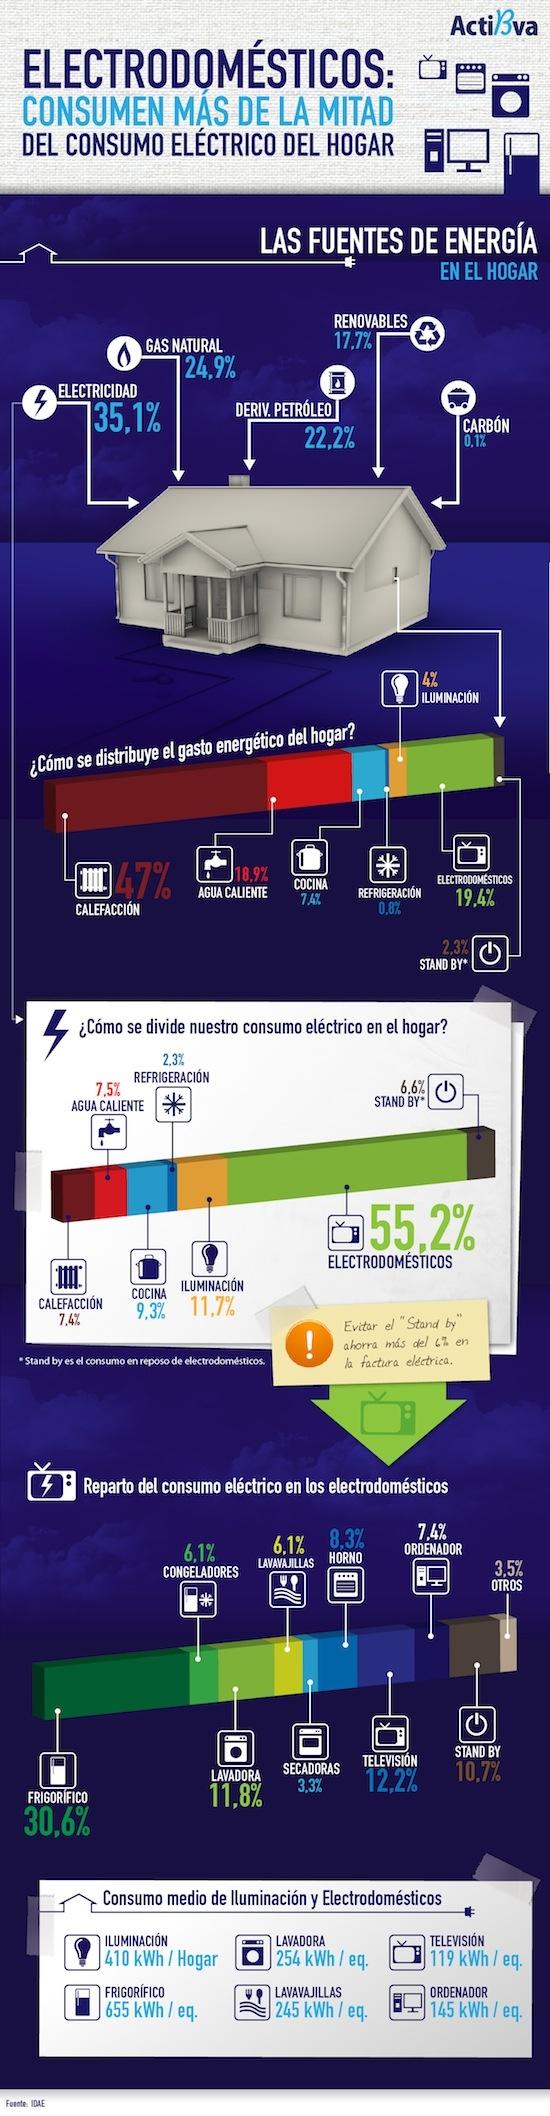 consumo eléctrico de los electrodomésticos, Infografía